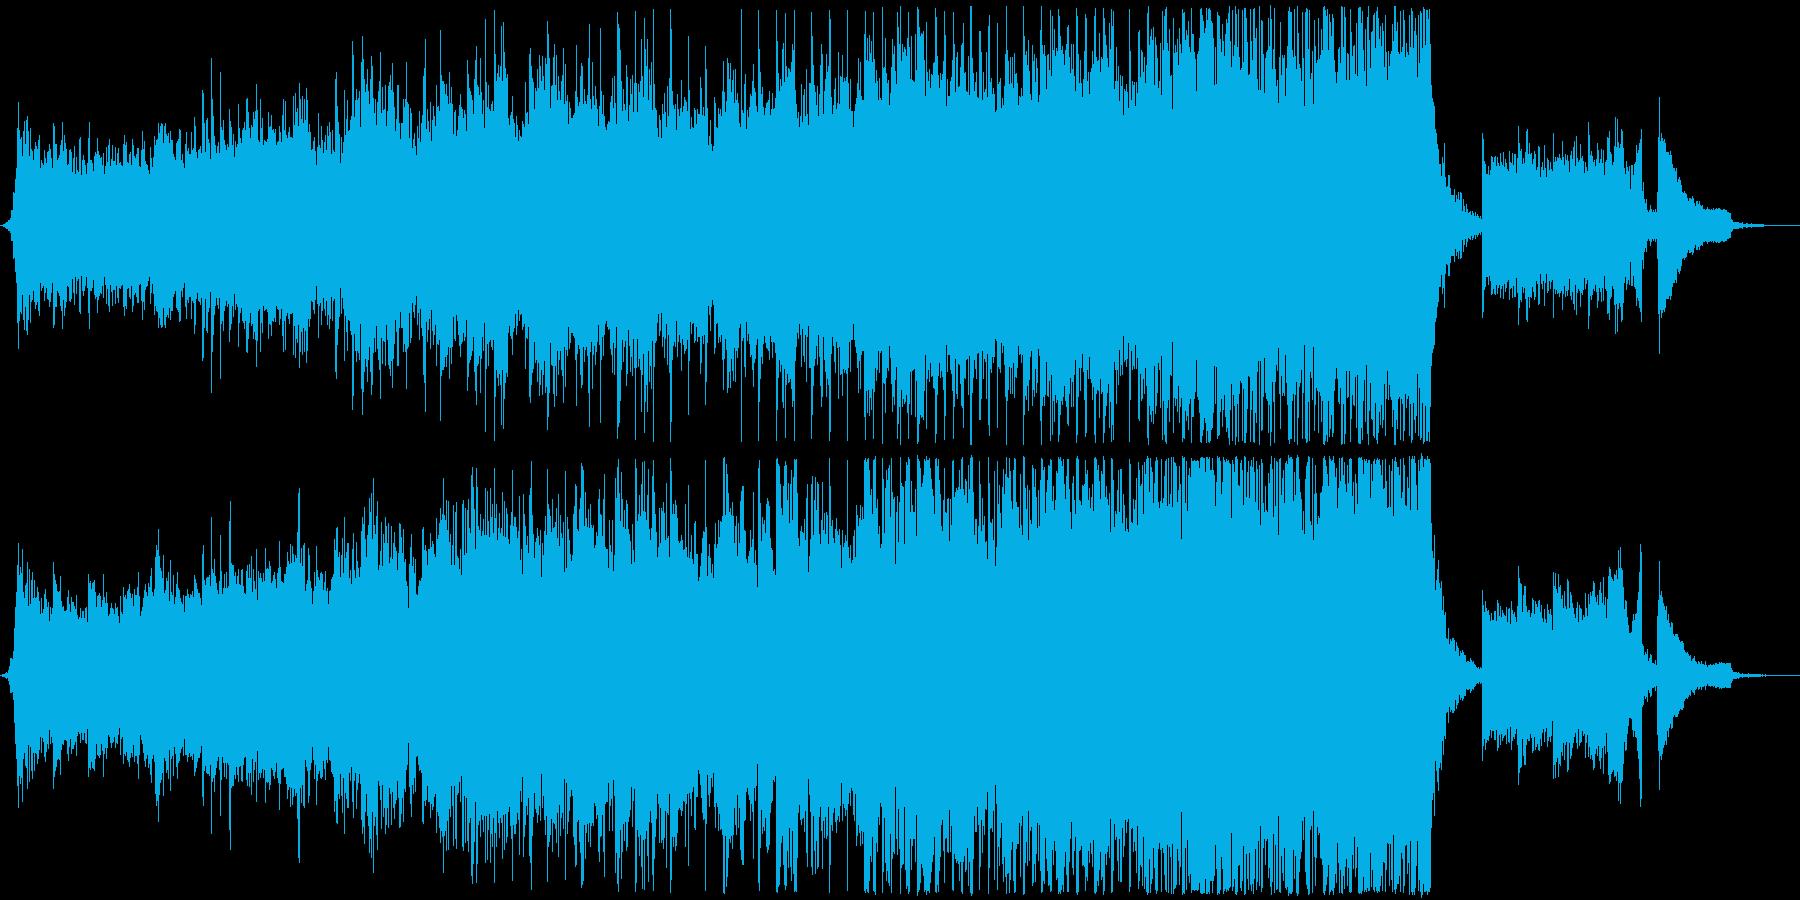 月光のようなピアノの壮大シネマティックの再生済みの波形